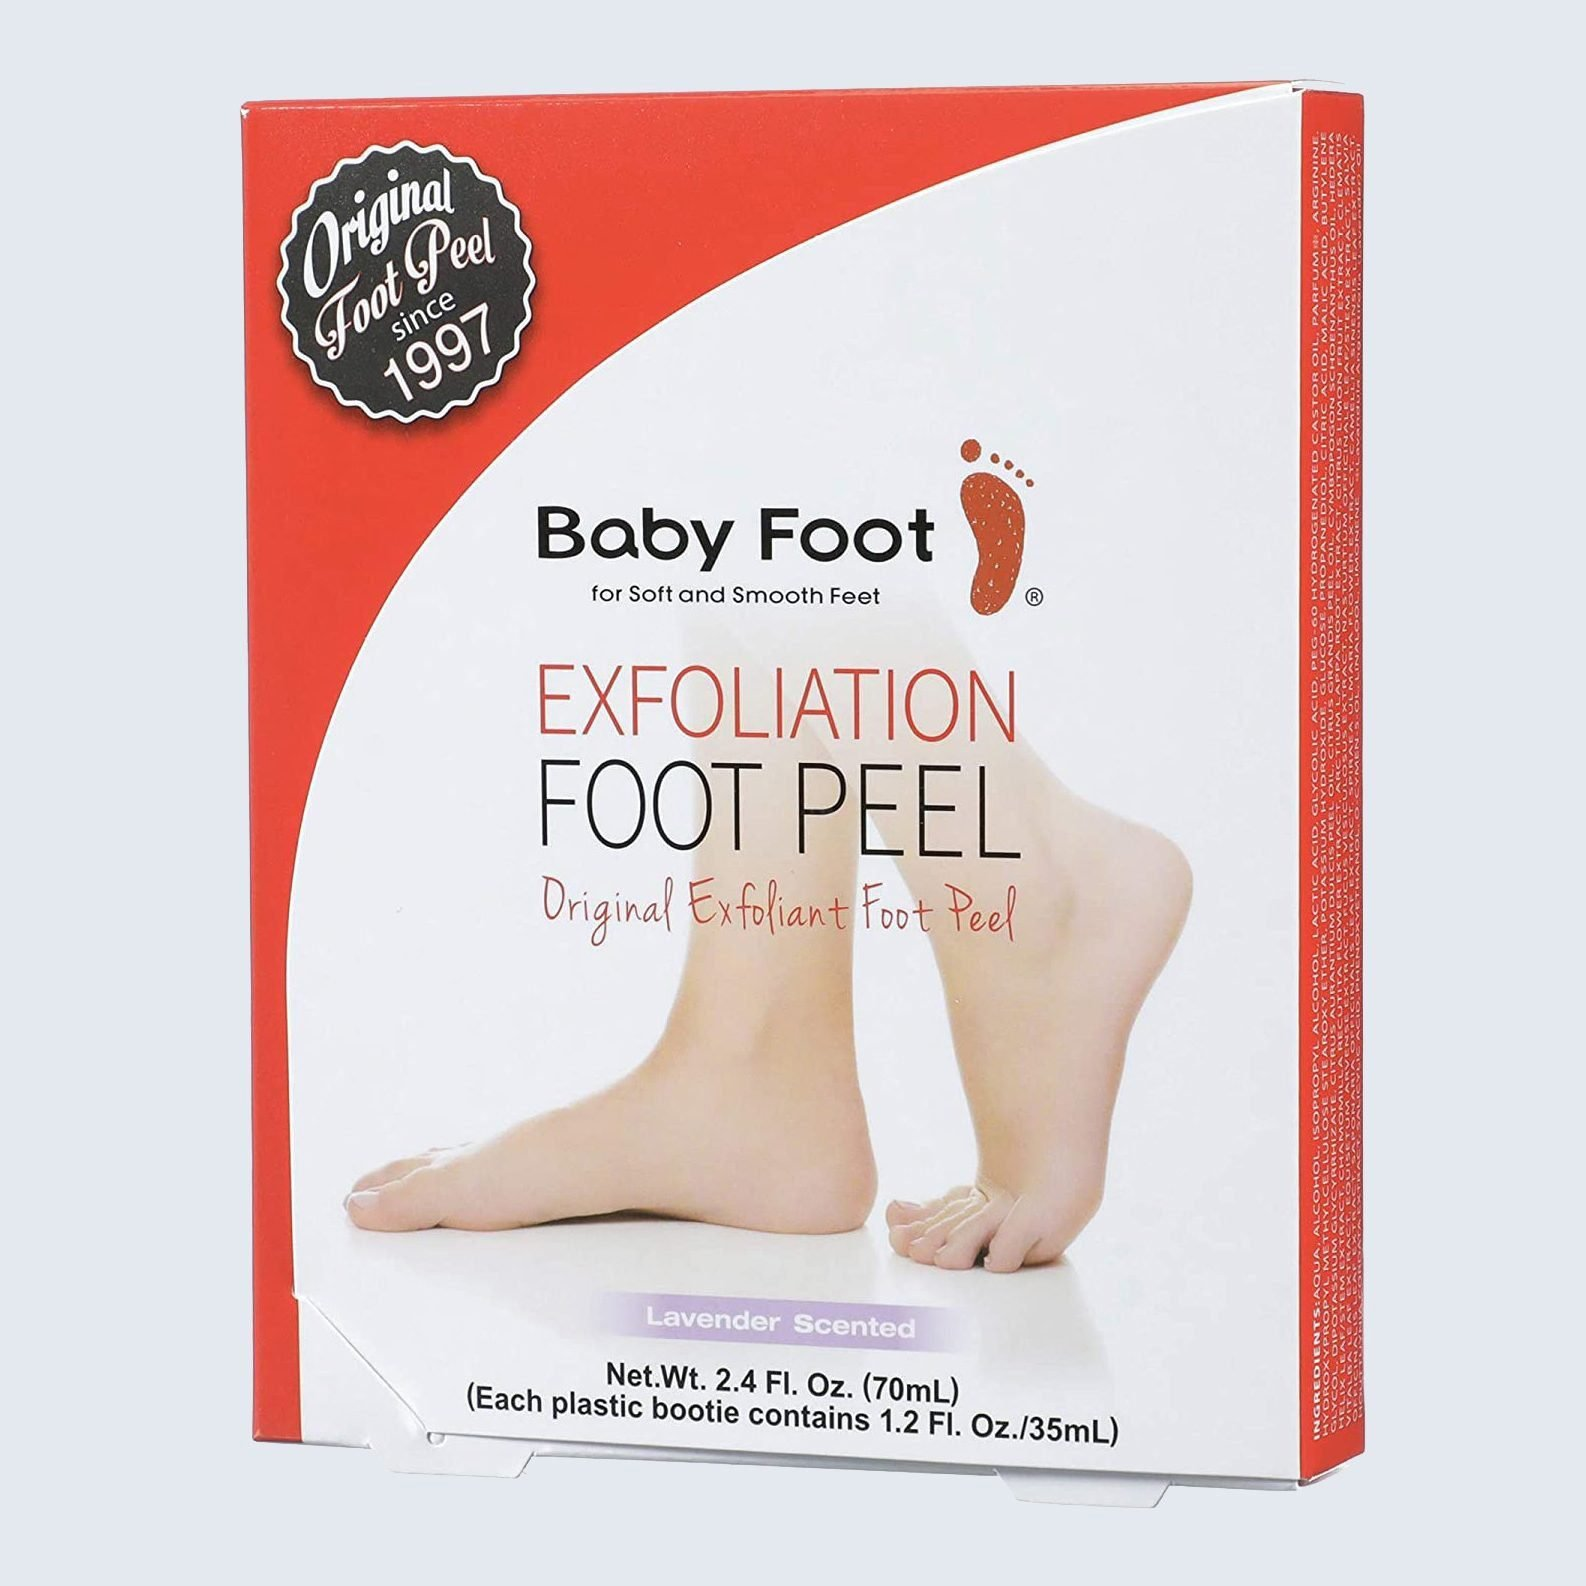 Original Exfoliation Foot Peel